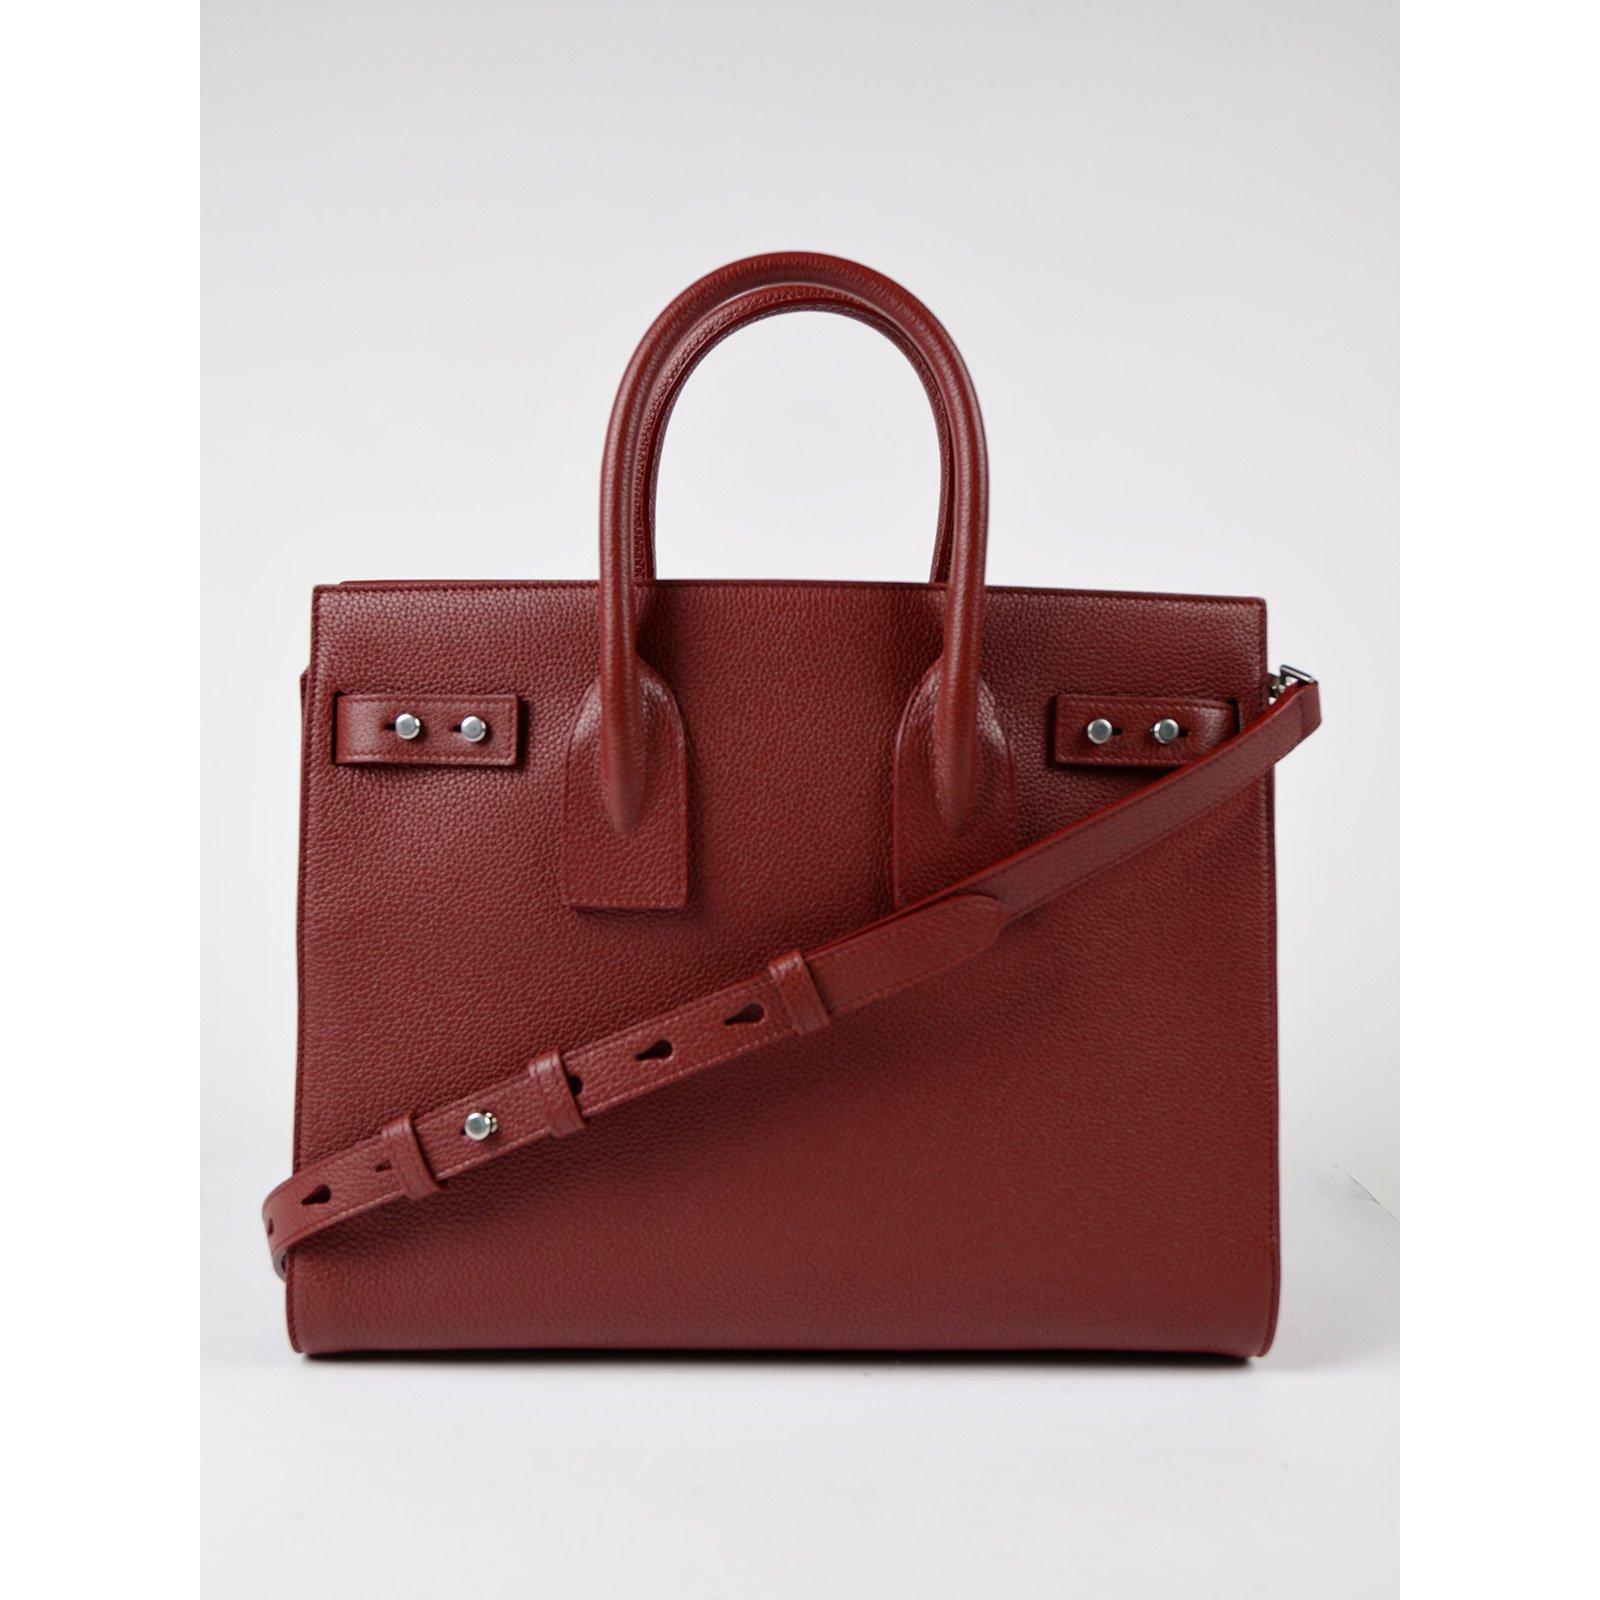 af0fa7d3d6bc Saint Laurent Saint Laurent Sac de jour Handbags Leather Other ref ...